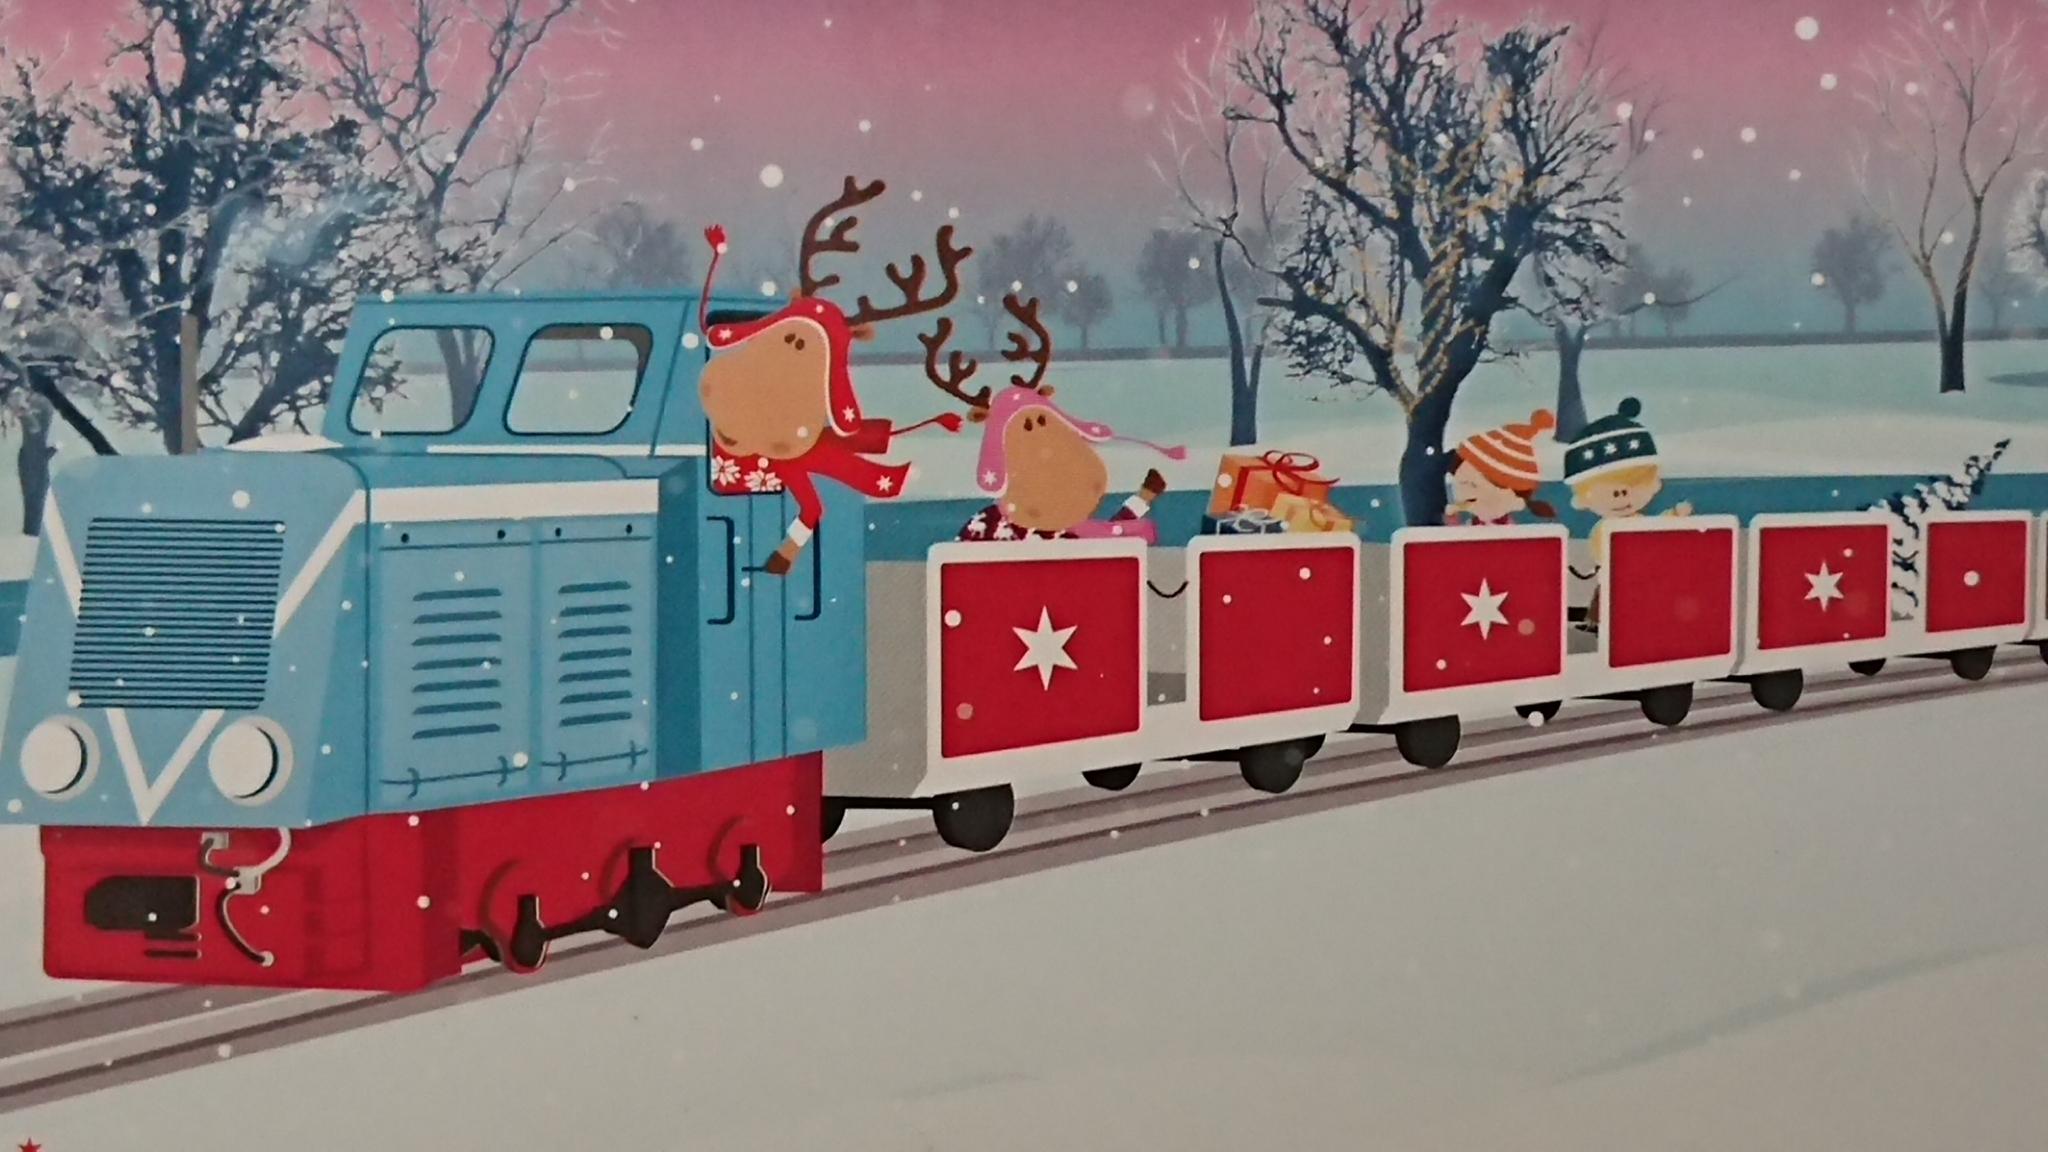 Das Weihnachtsmarkt.Nikolausfahrten Beim Peißnitzexpress Mit Weihnachtsmarkt Maskottchen